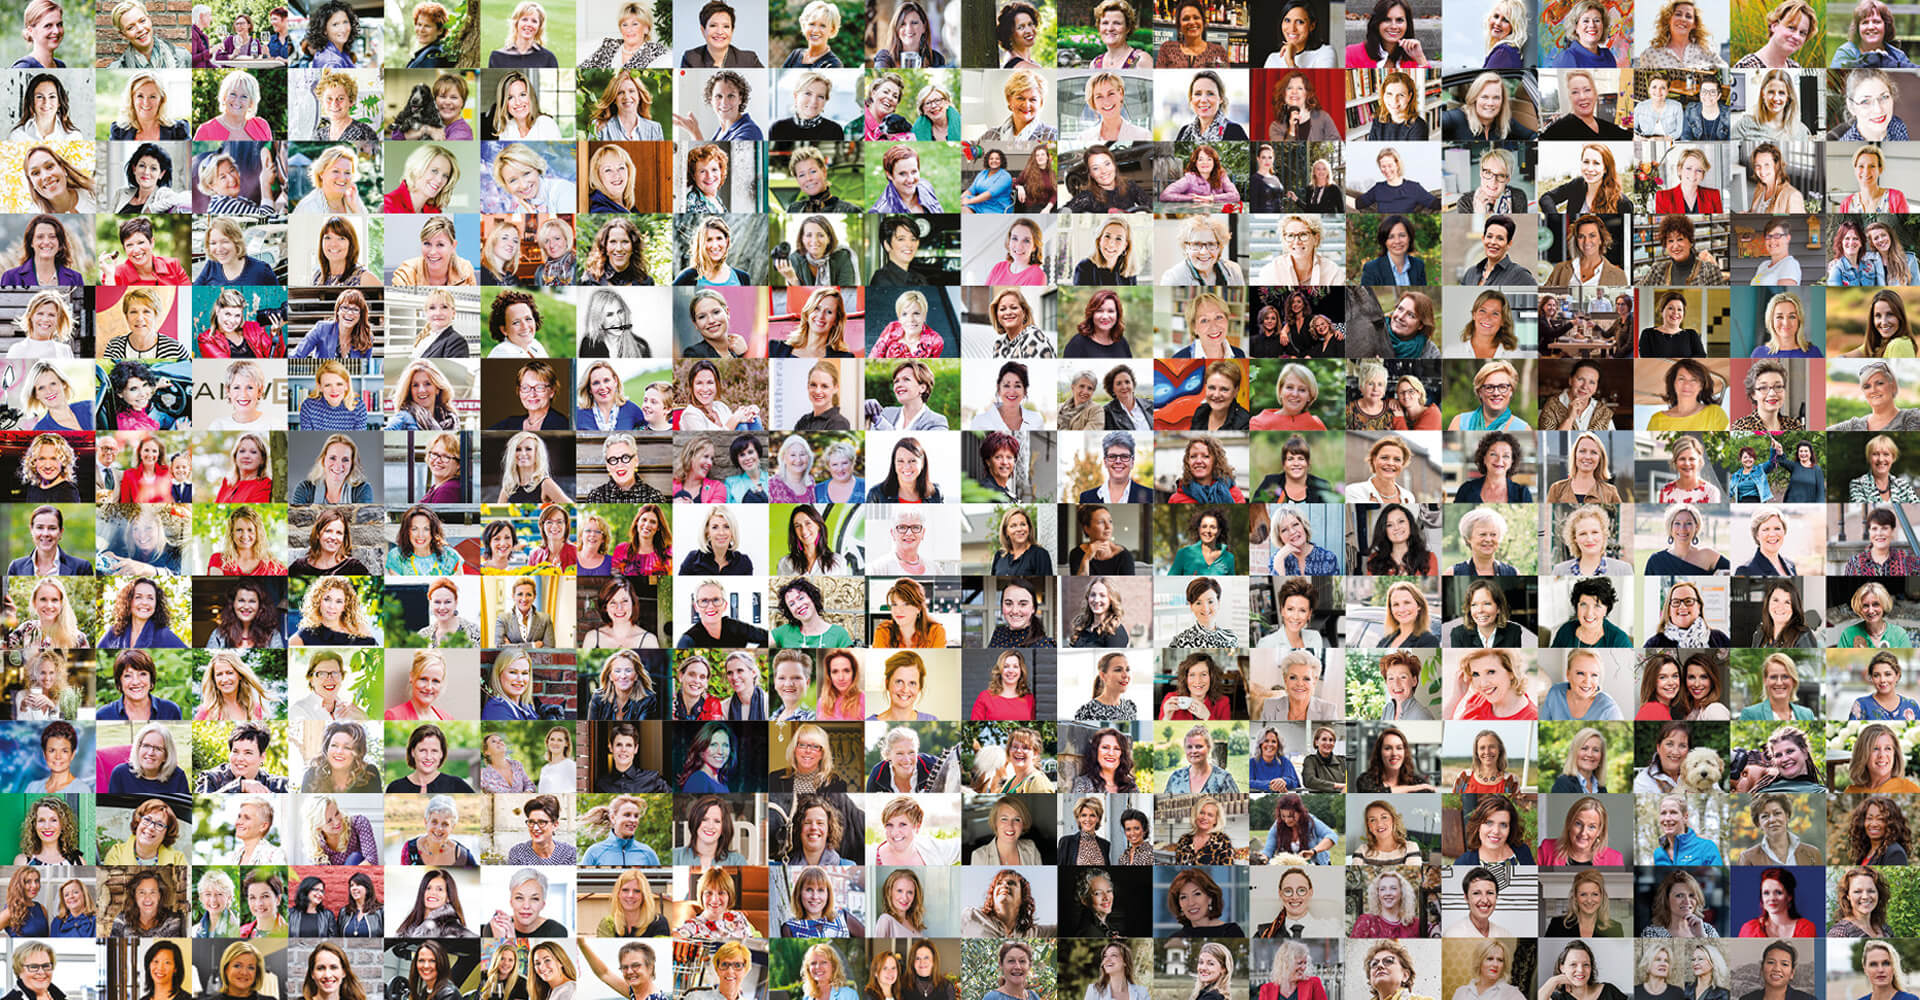 Voor 2021 zijn wij op zoek naar 100 zakenvrouwen. Naast het feit dat we zelf actief werven, doen wij ook een beroep op ons eigen netwerk.